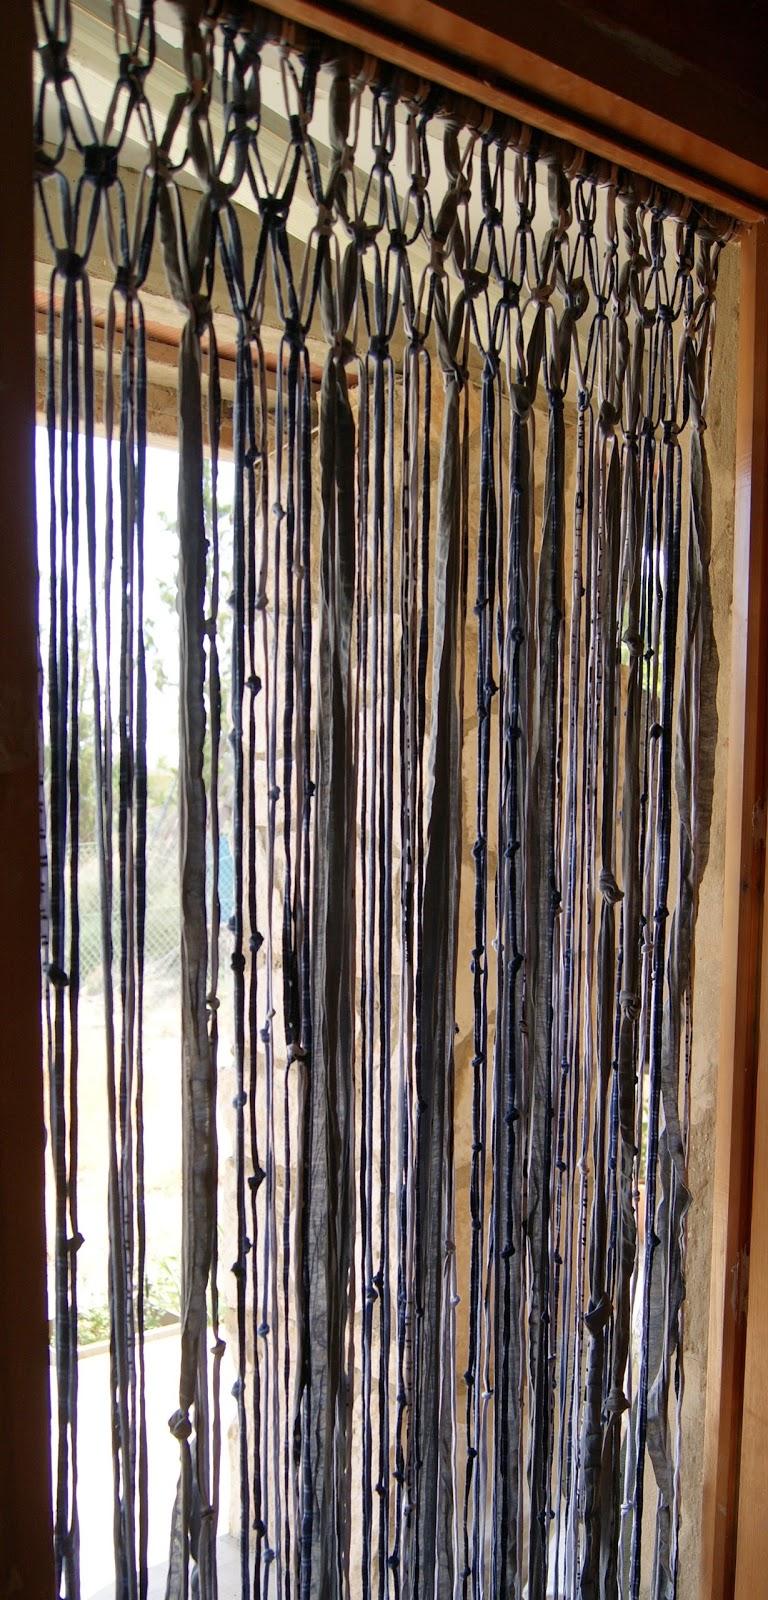 Rebuscando en el ba l cortina de trapillo for Enganches cortinas